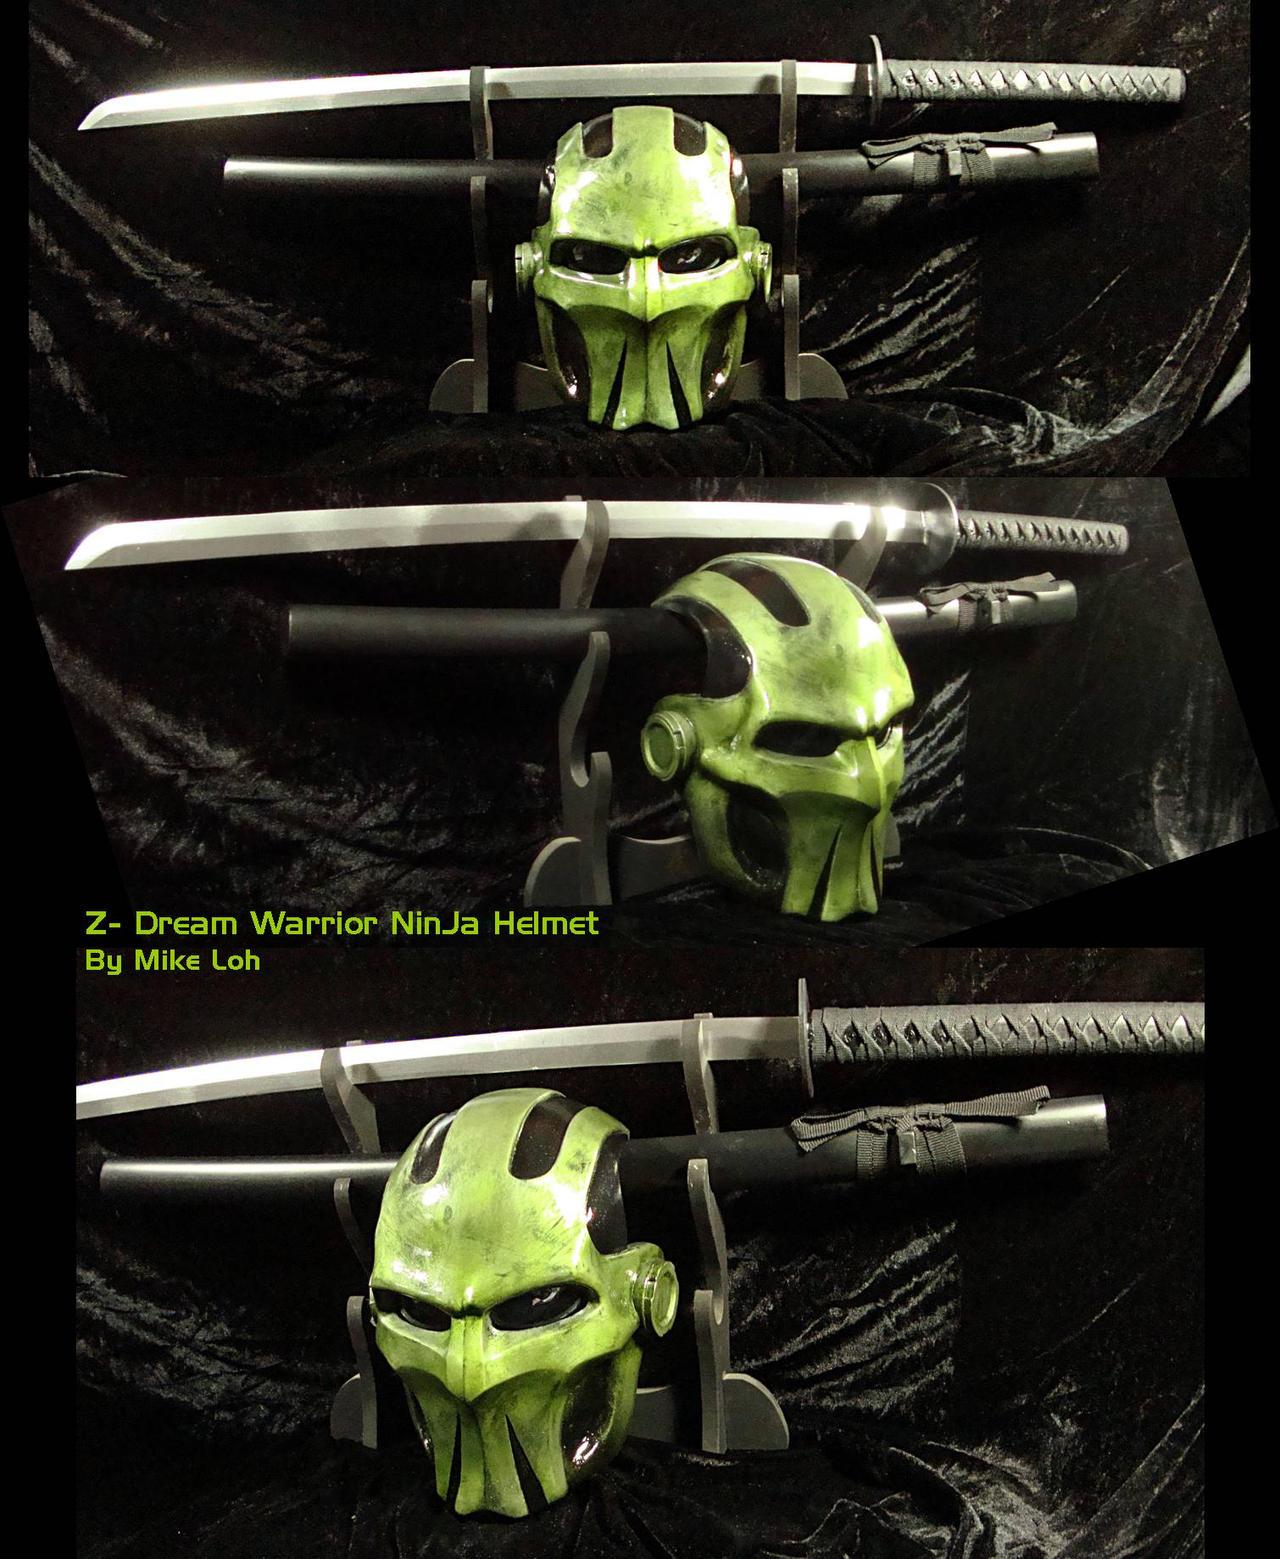 Z sword ninja helmet by uratz studios on deviantart - Uratz studios ...